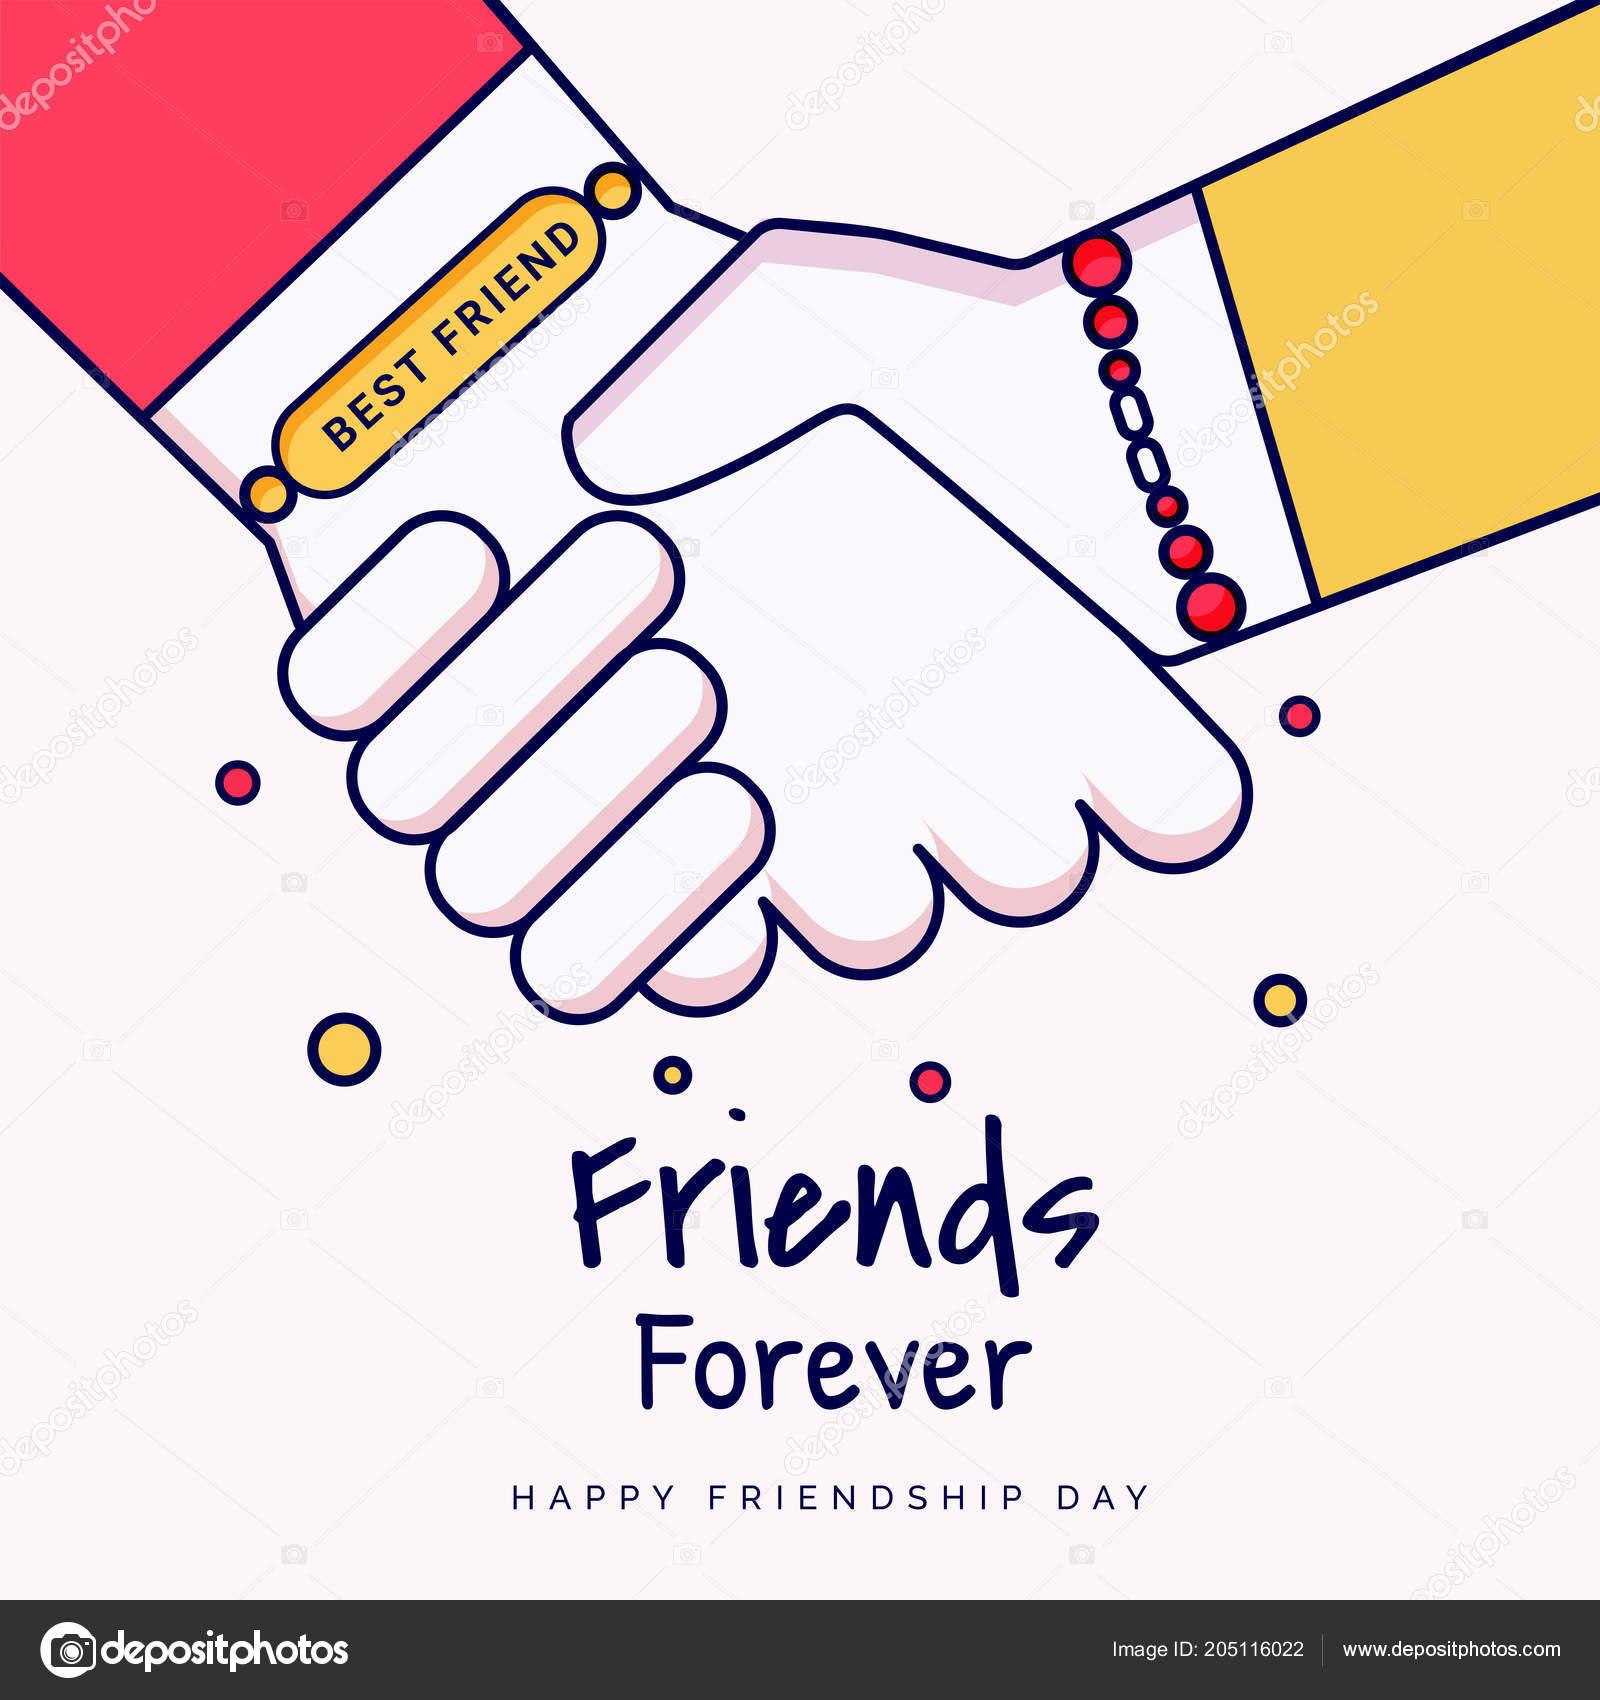 Friends Forever Greeting Card Design Hands Shaking Illustration